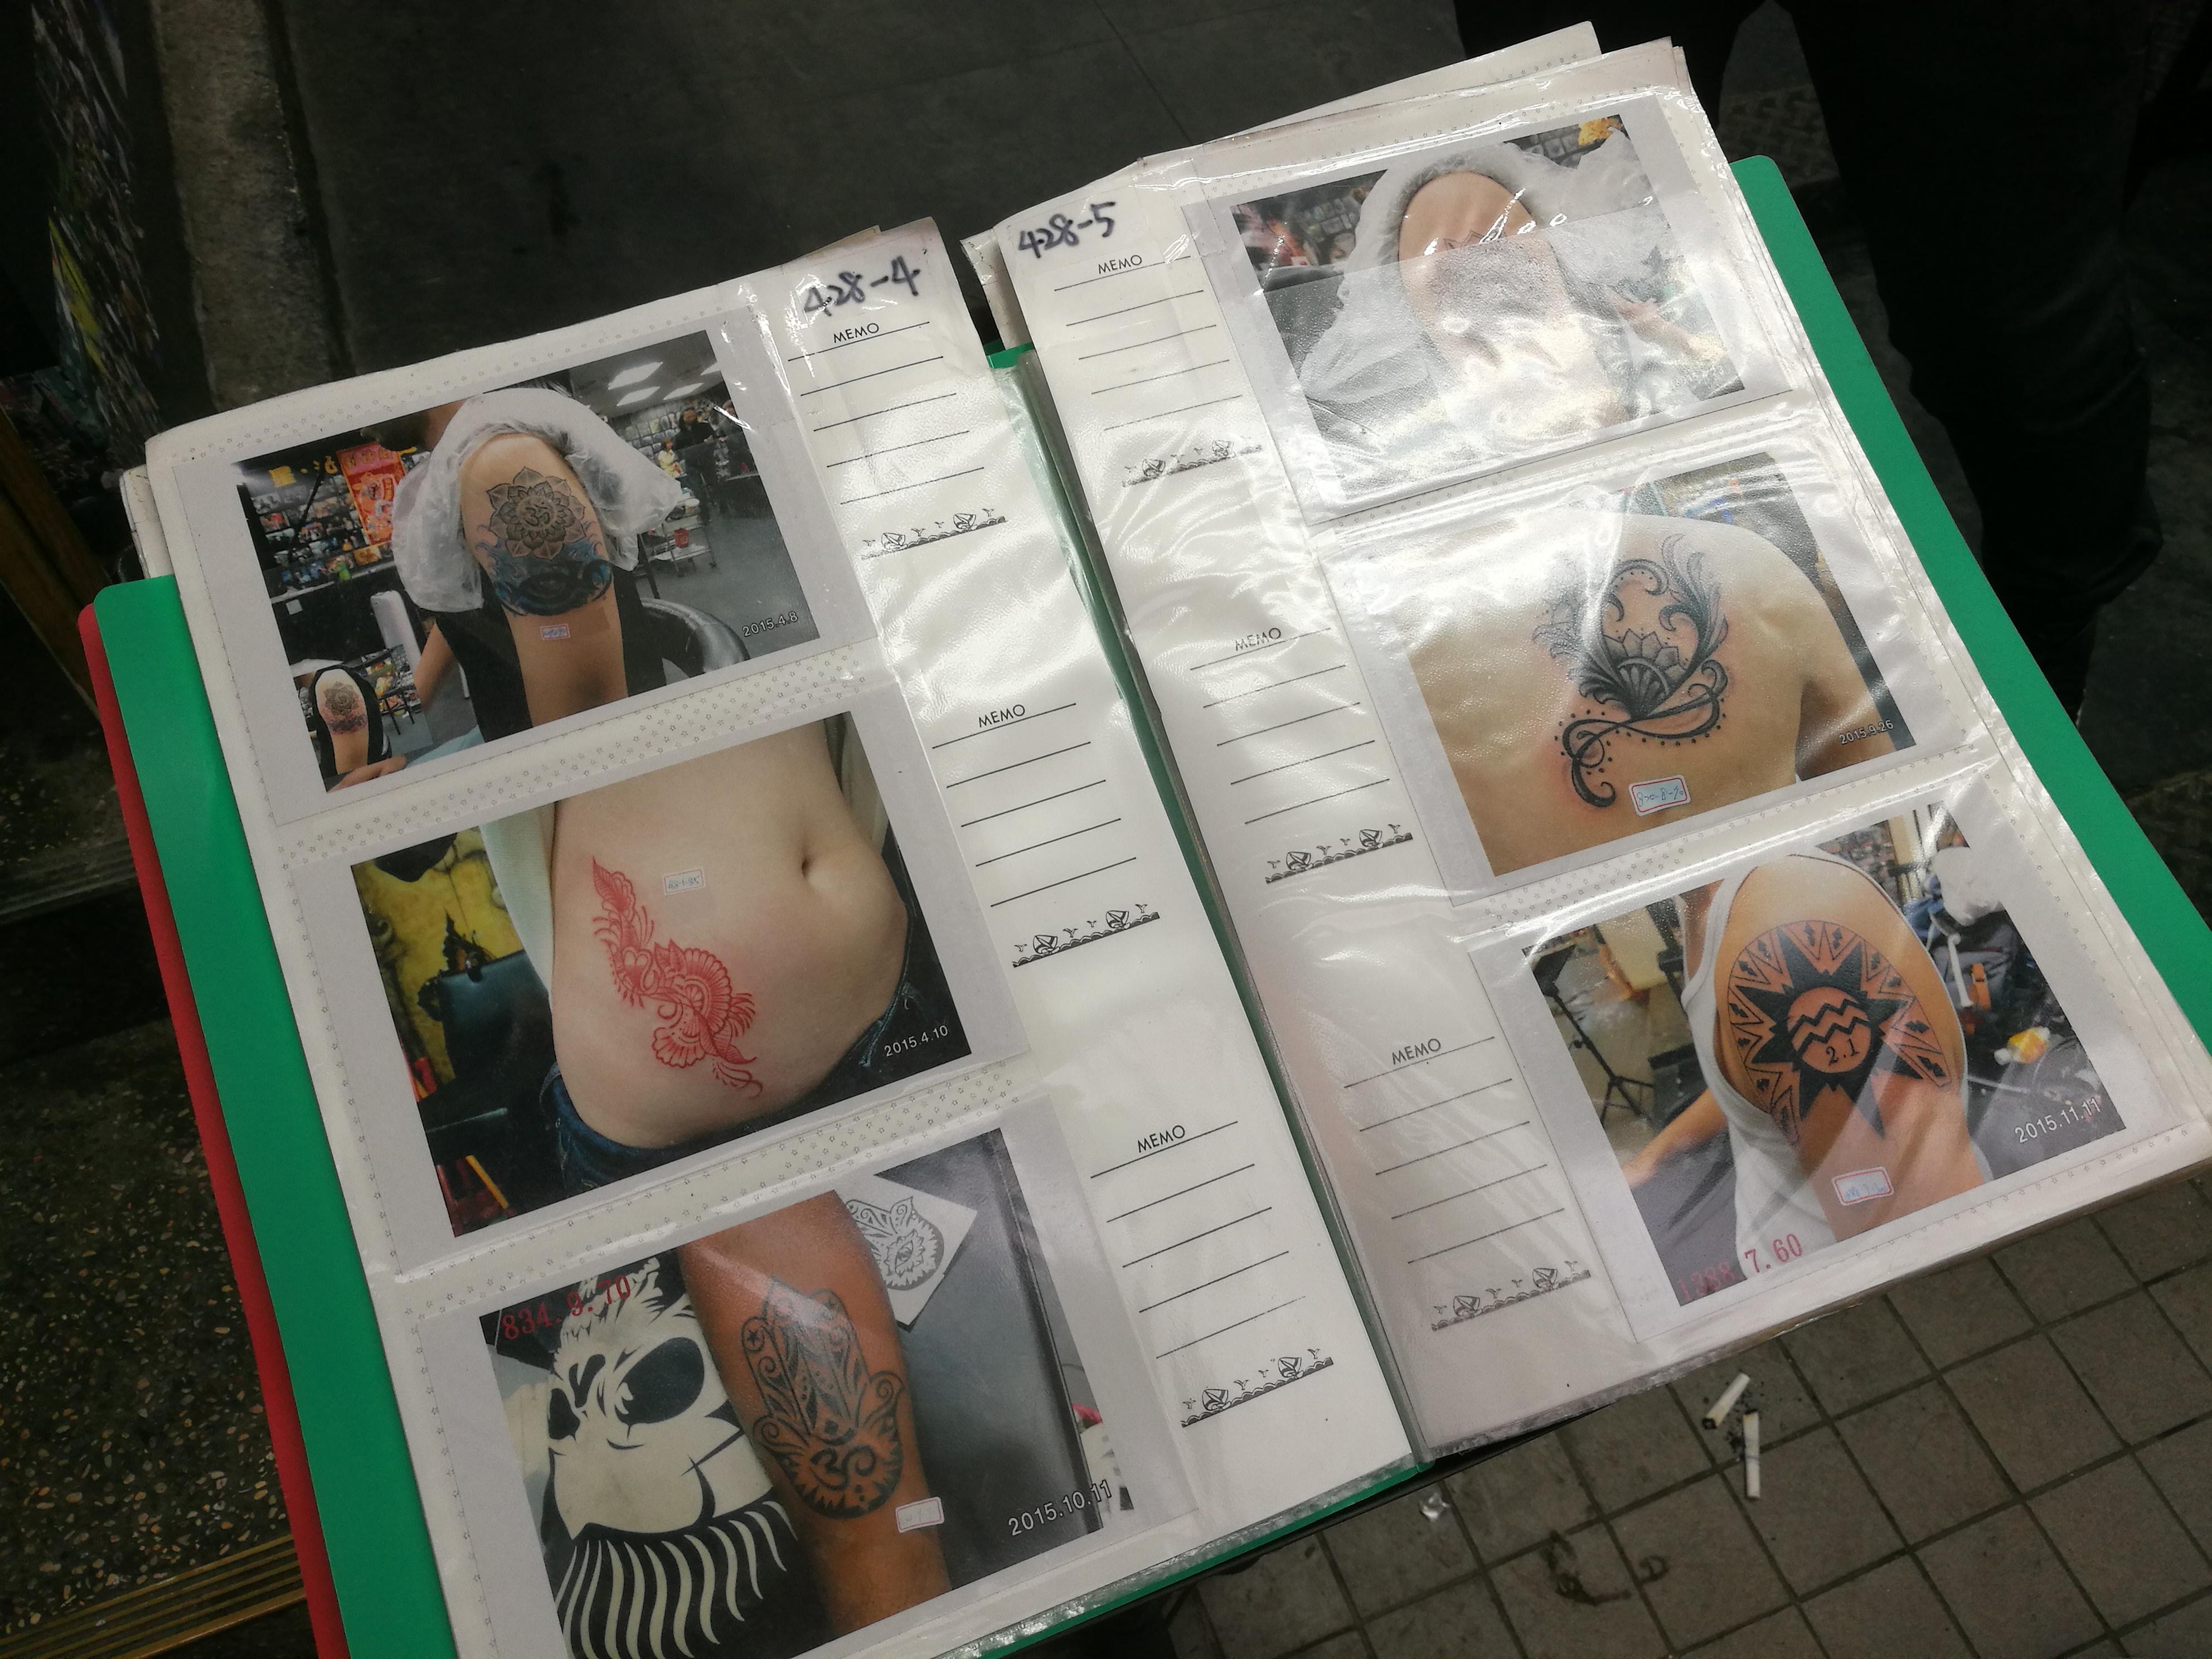 放置在店前的紋身圖案剪貼目錄,讓有興趣紋身的潛在顧客對於紋身選擇有更深的了解,亦為業務推介紋身時更為便利。